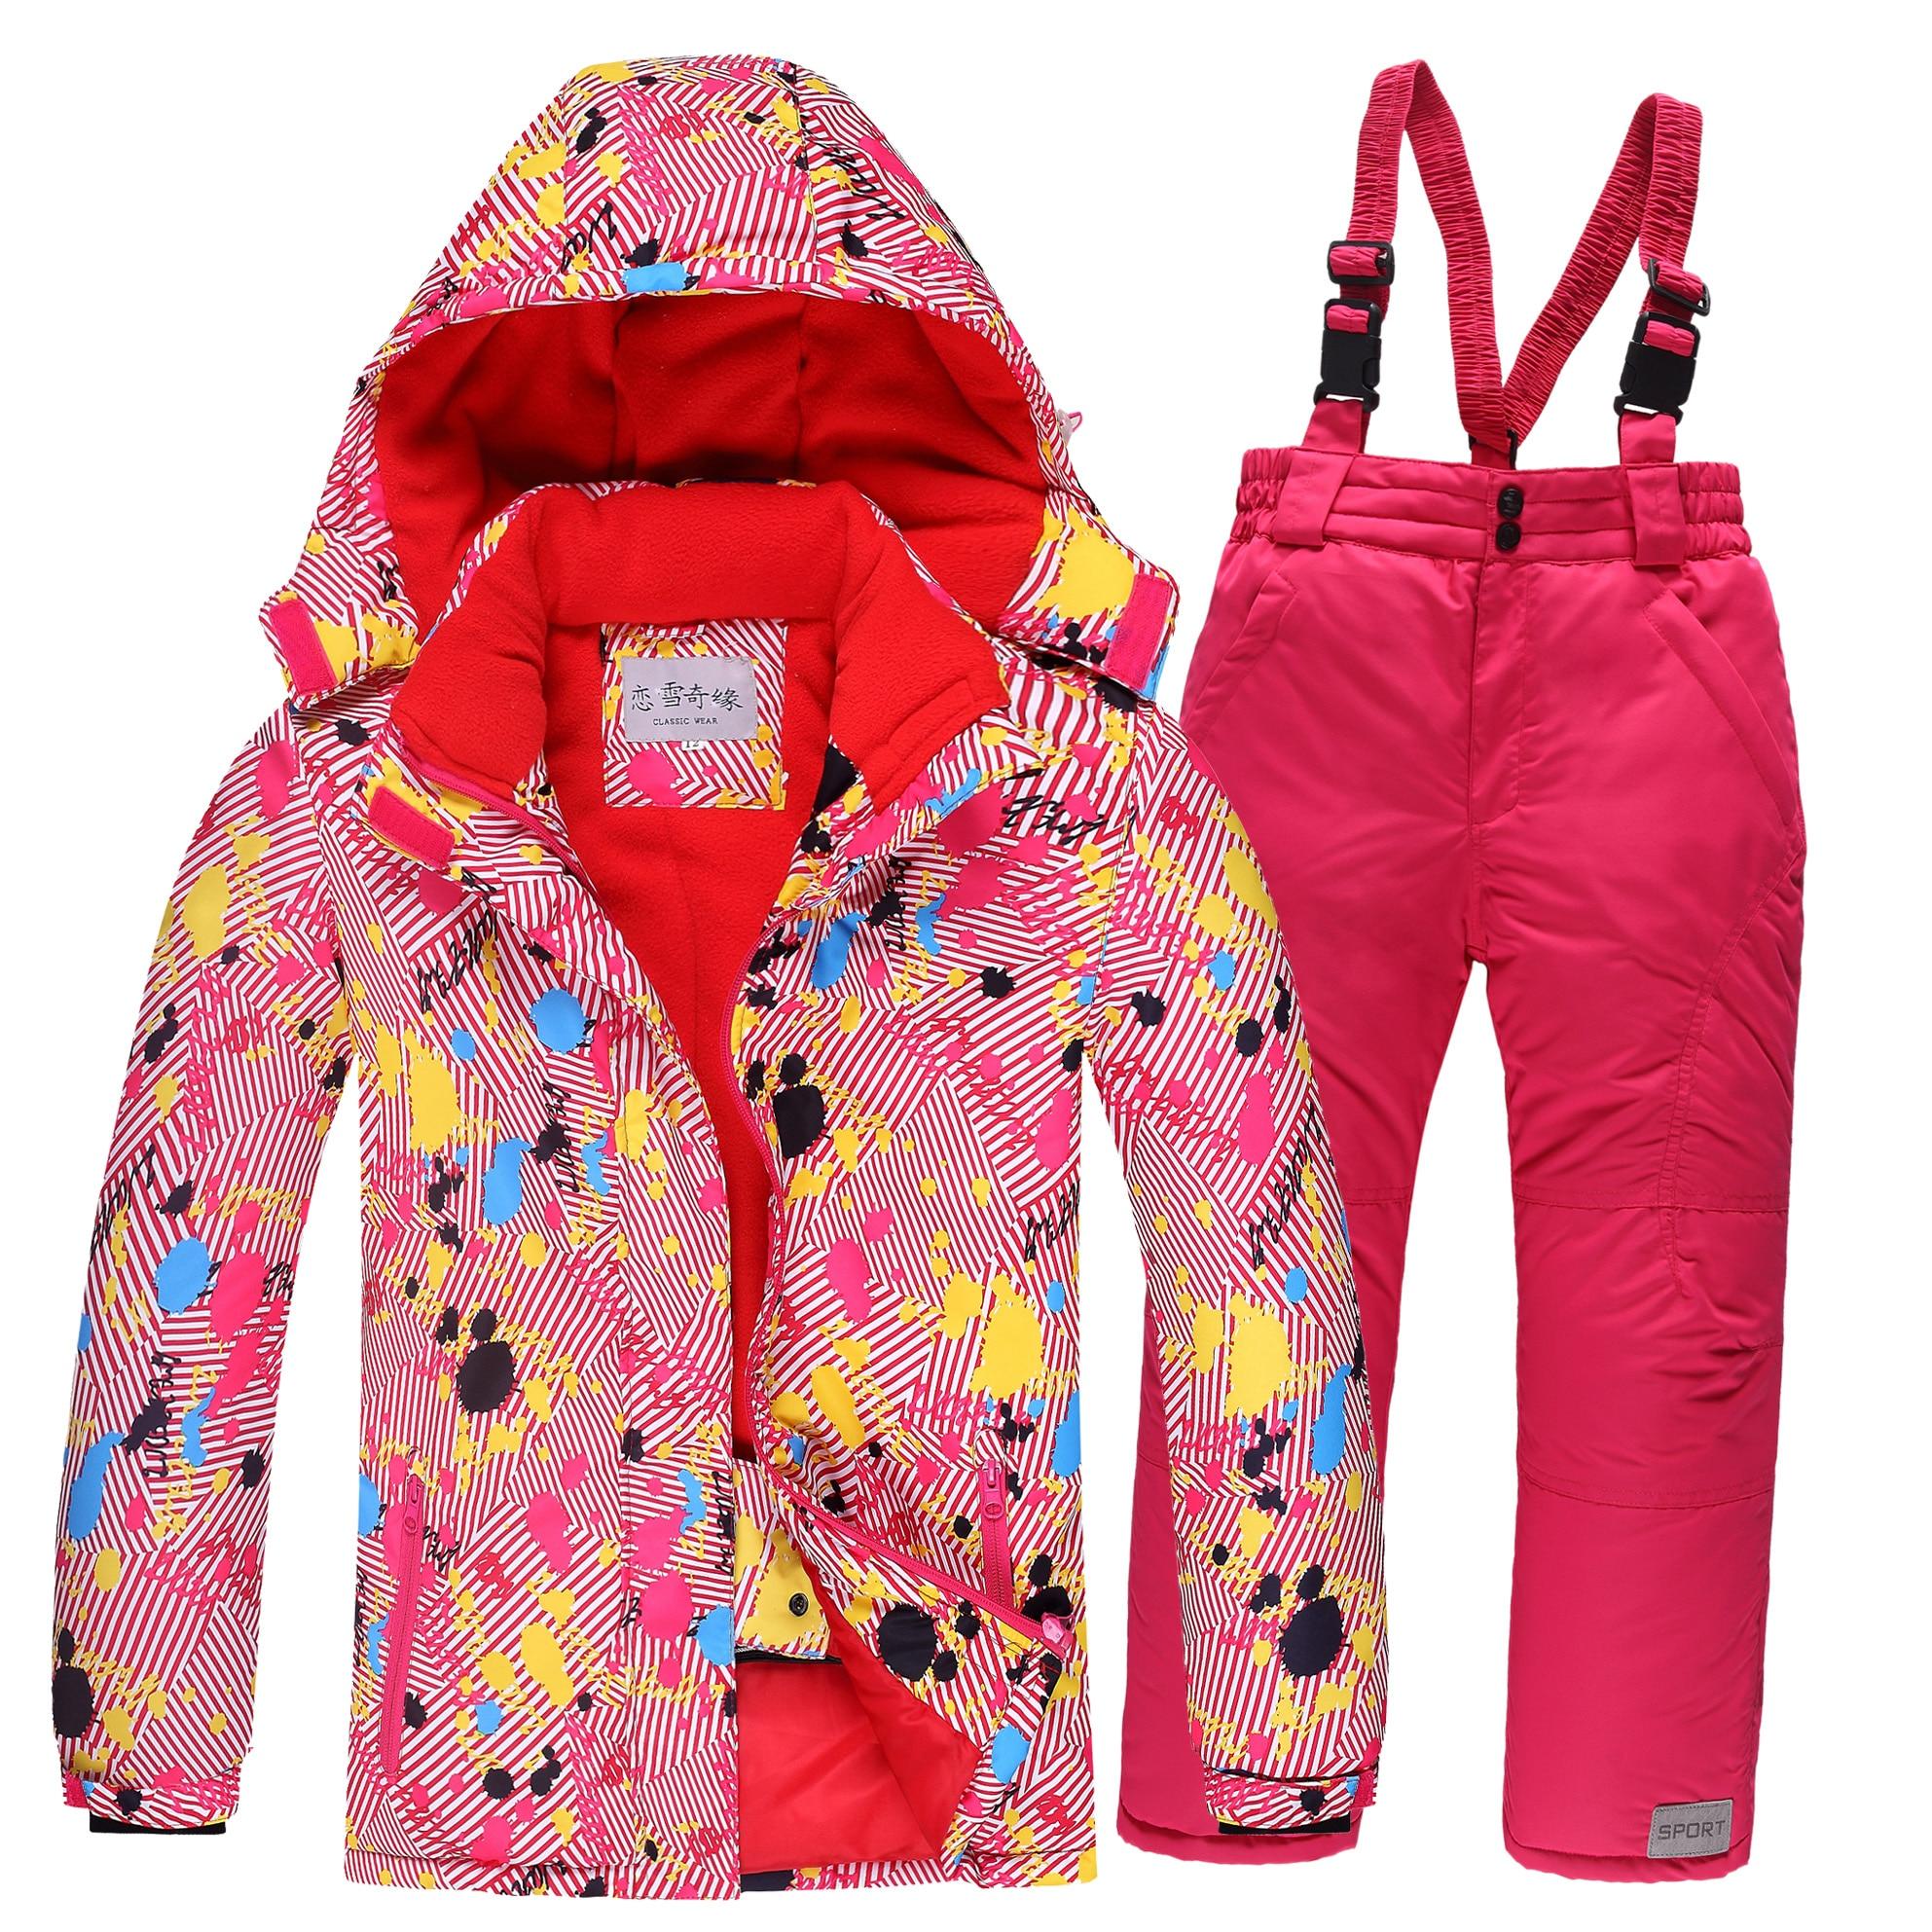 Mioigee 2019 enfants Ski costume enfants coupe-vent imperméable coloré filles pour garçon Snowboard neige veste pantalon hiver vêtements ensembles